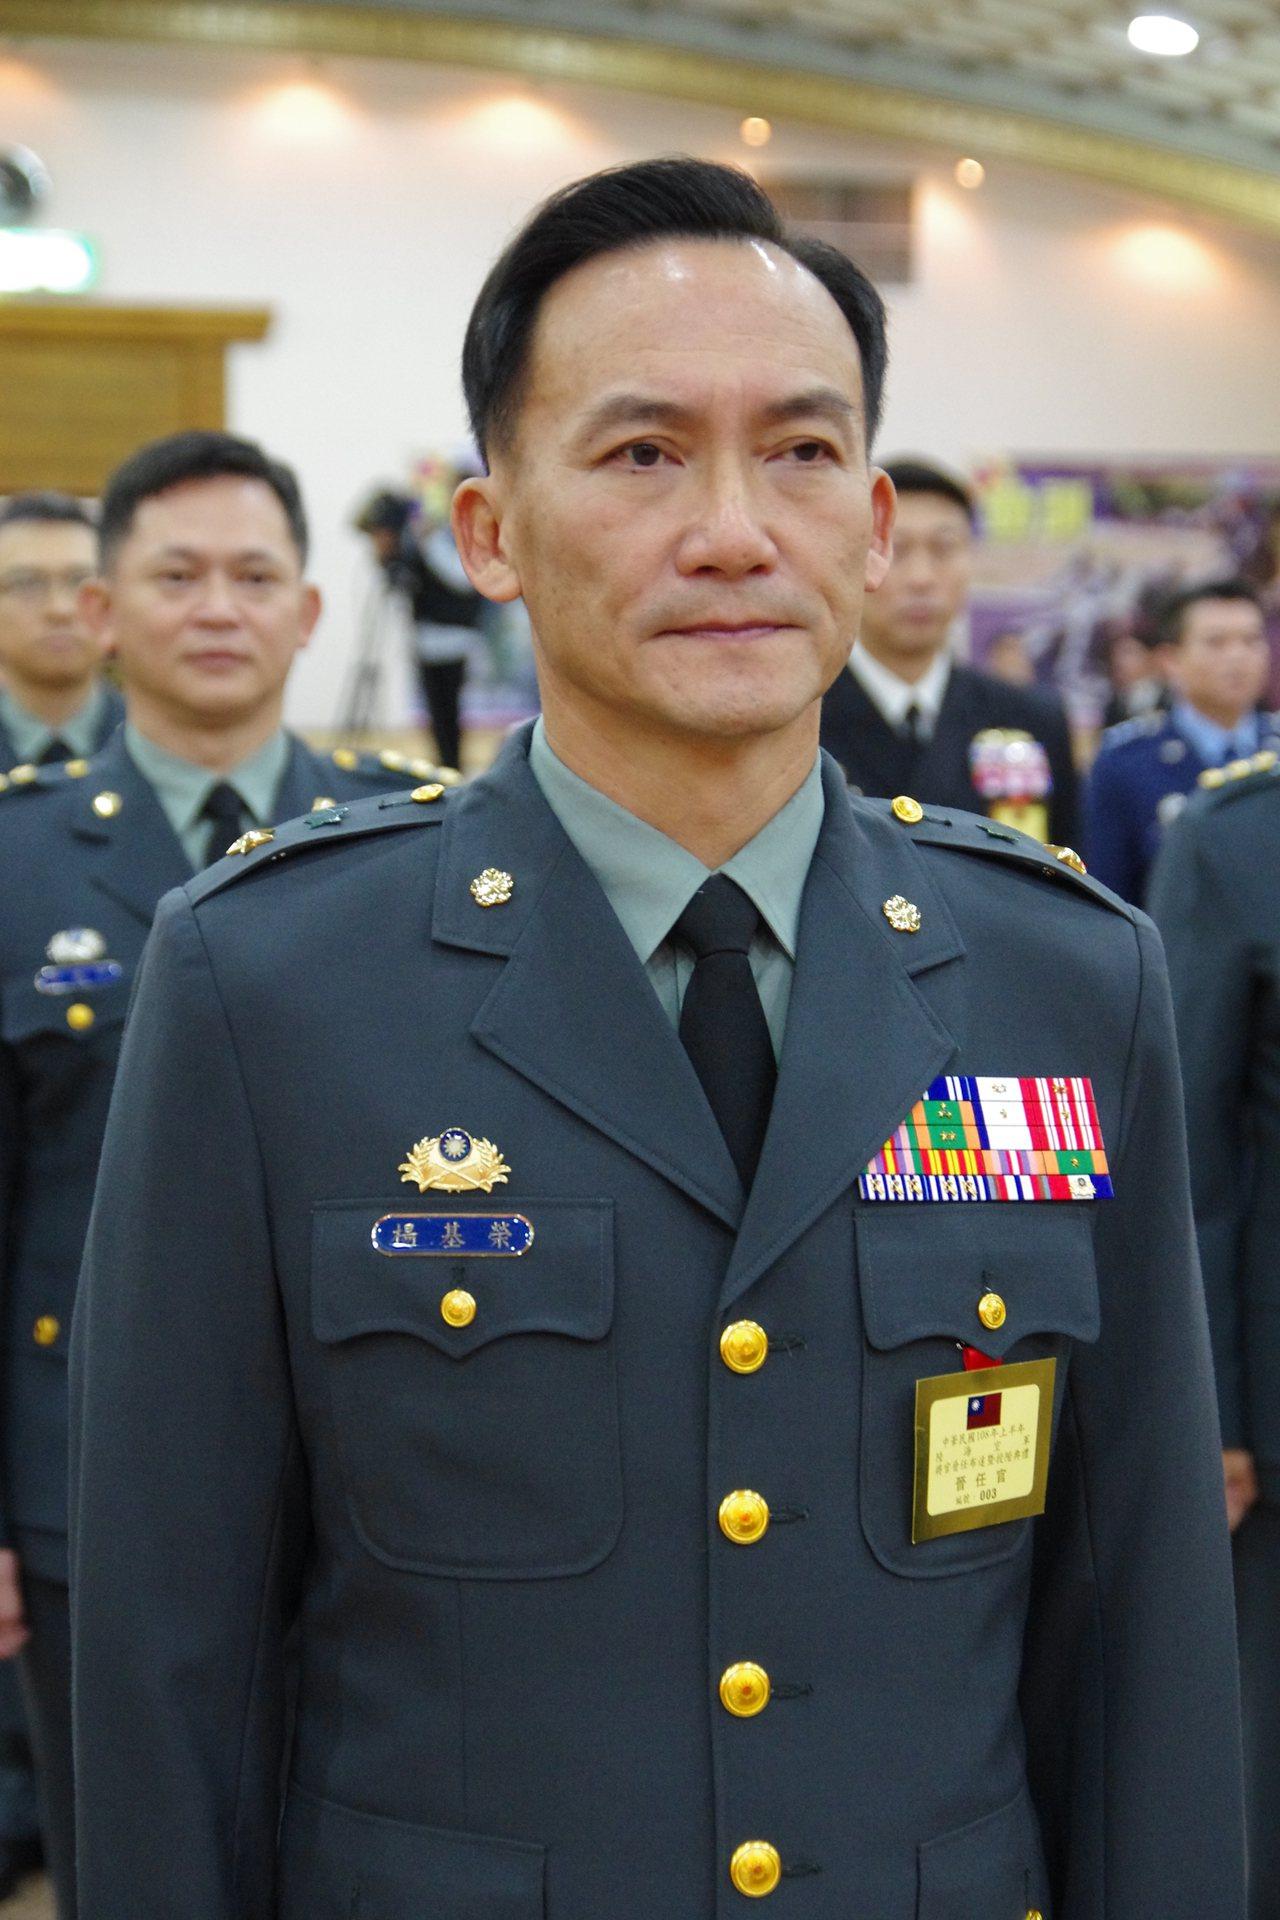 去年12月25日,楊基榮參加國軍將官晉任典禮,元旦正式升為中將,七個月後接掌陸軍...